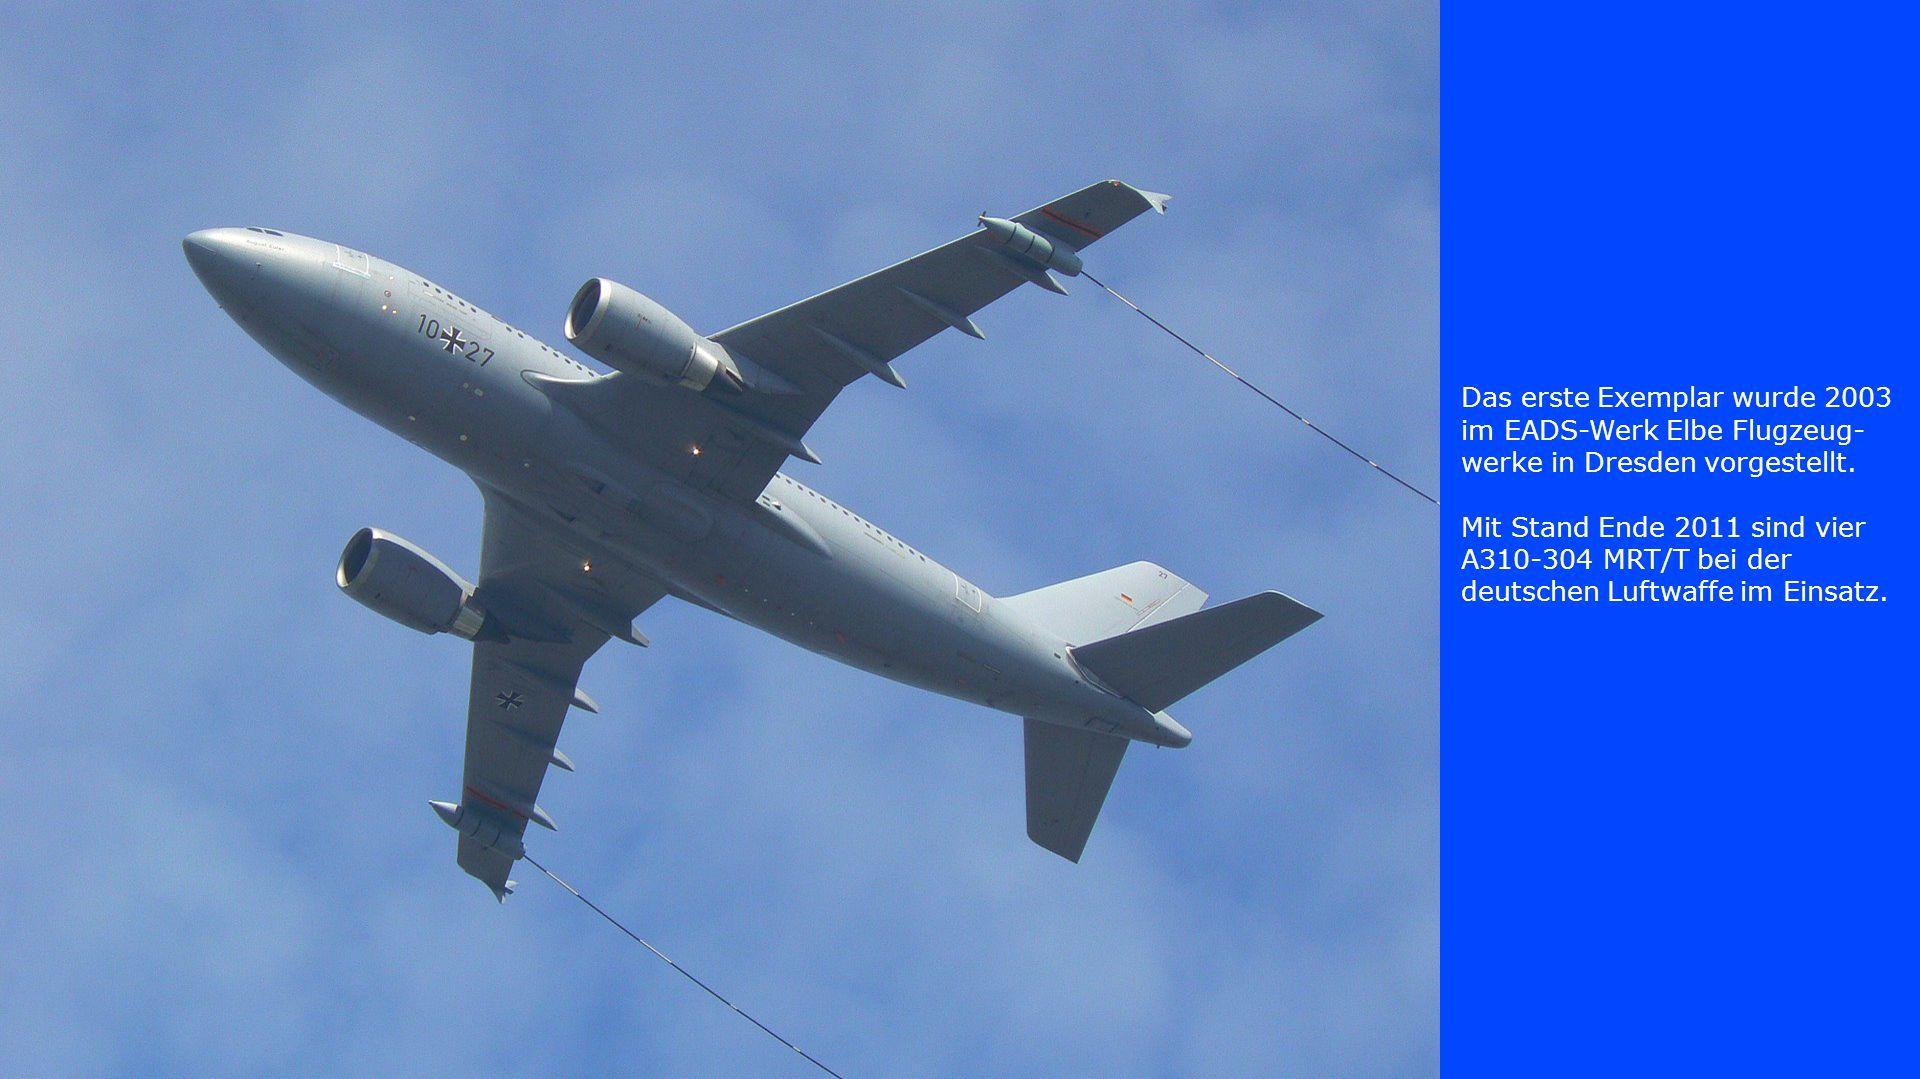 Das erste Exemplar wurde 2003 im EADS-Werk Elbe Flugzeug-werke in Dresden vorgestellt.